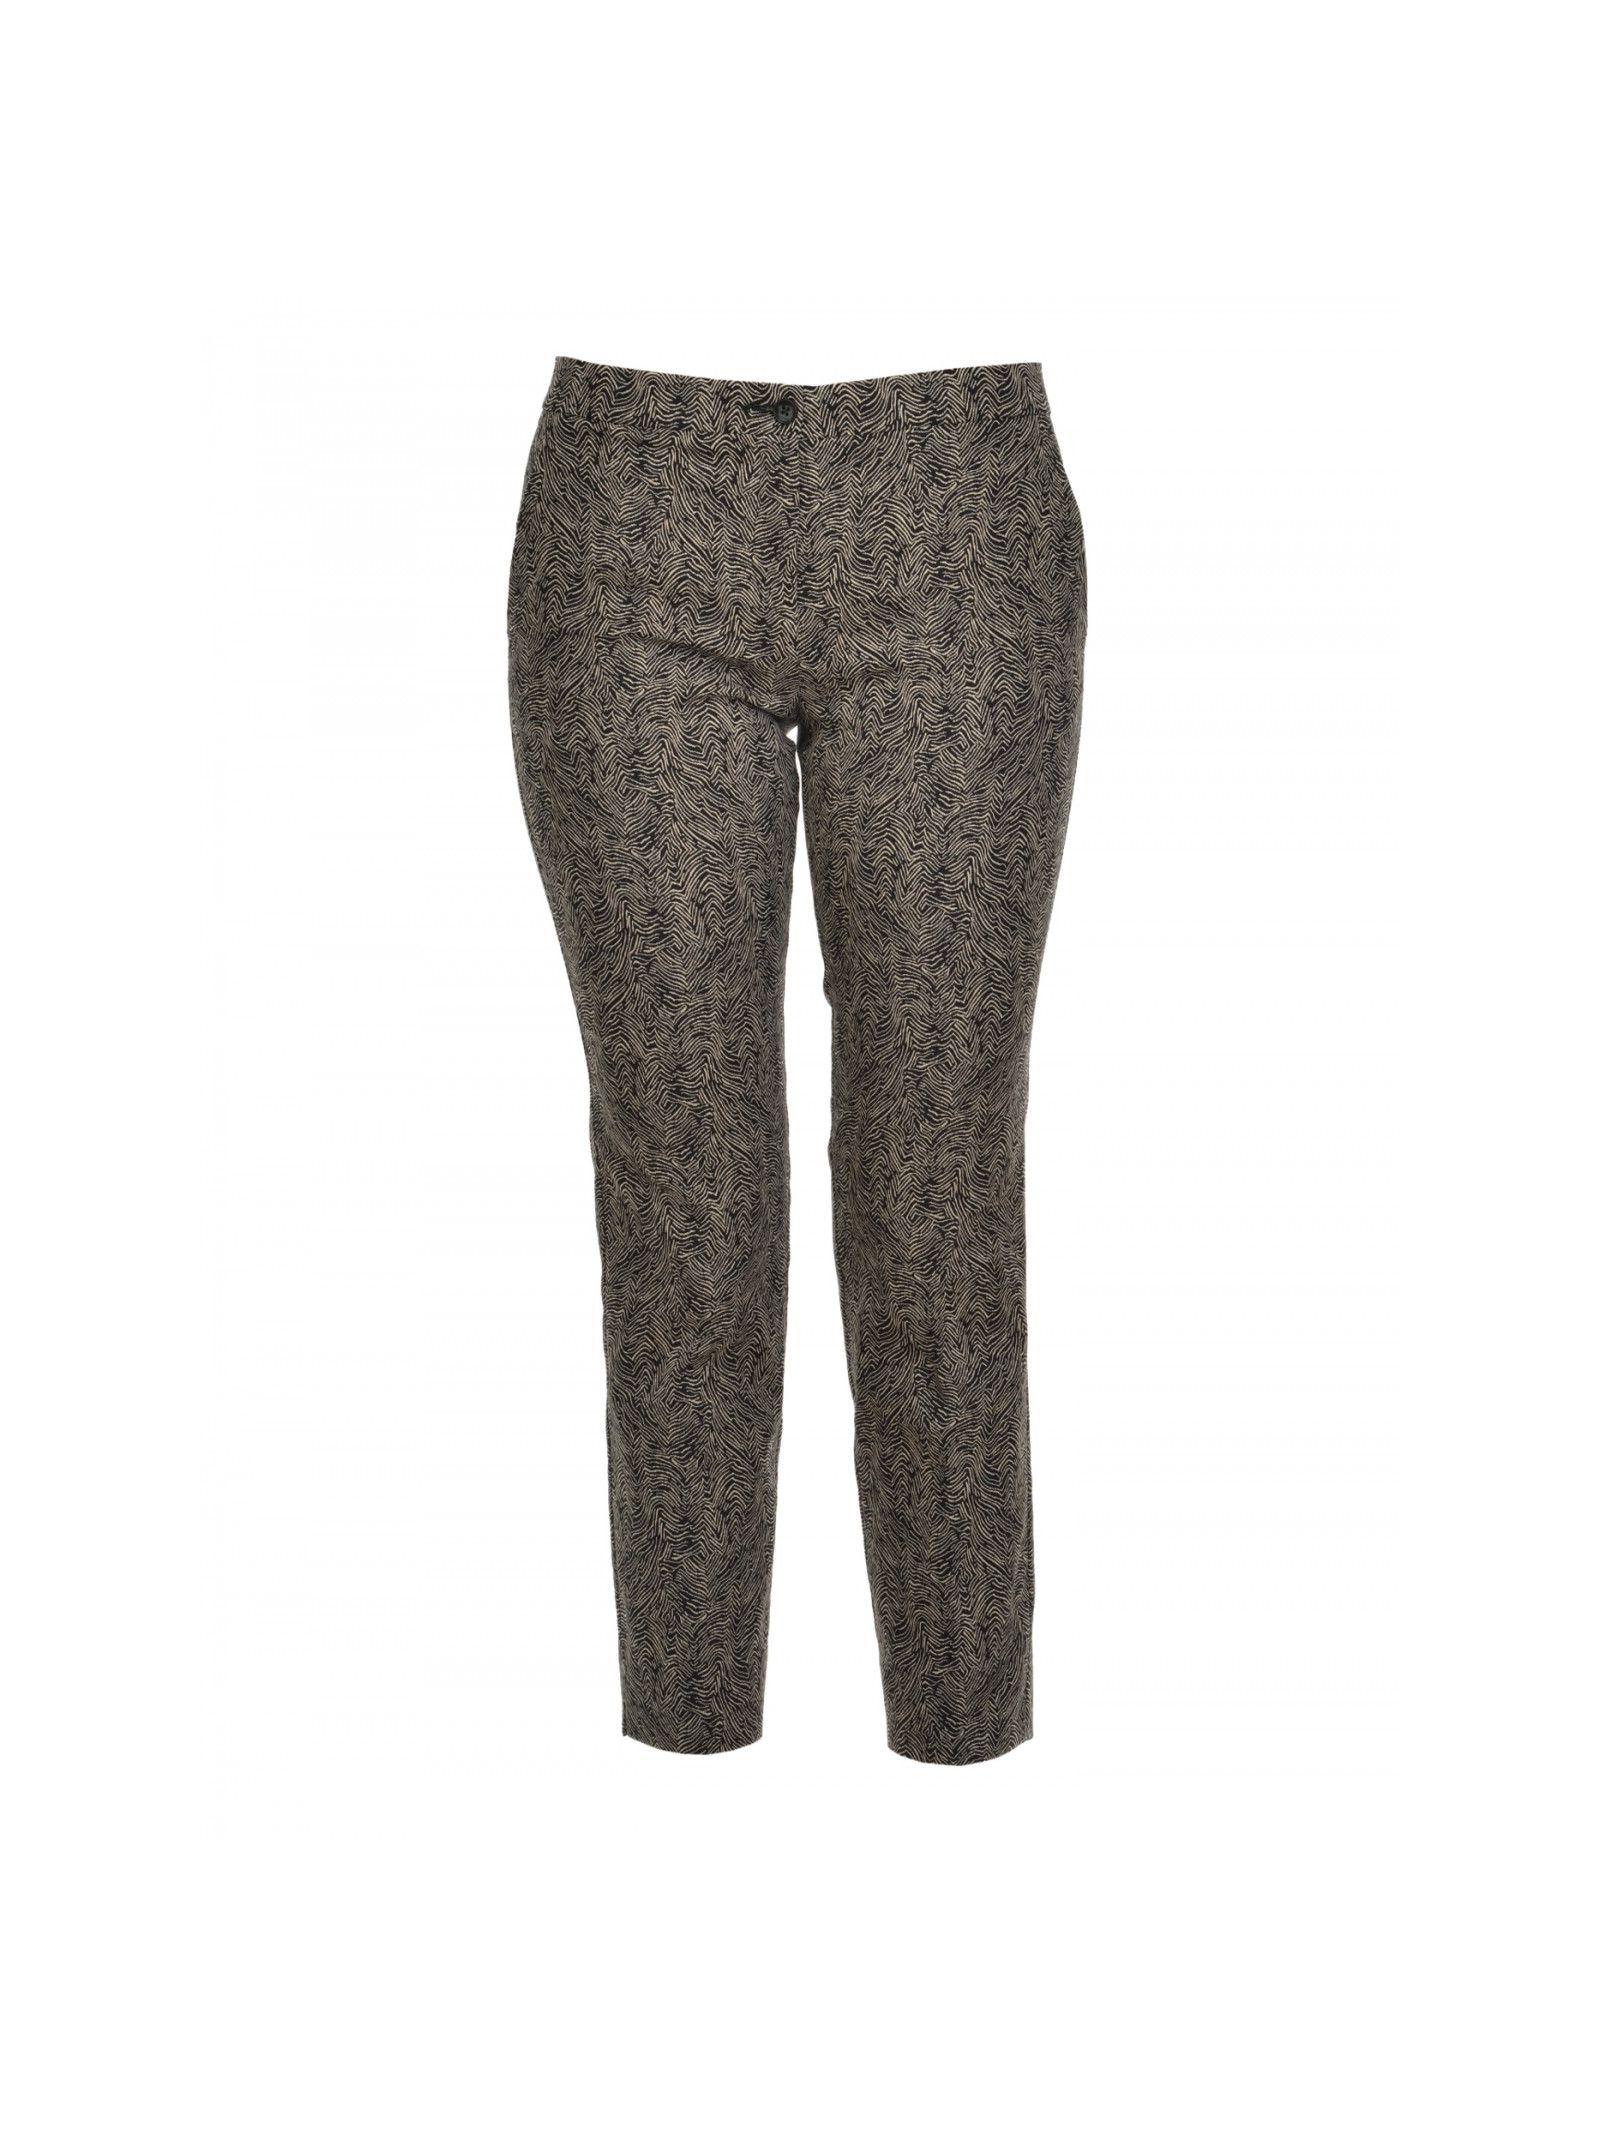 Pantaloni de damă ETRO, din bumbac, cu imprimeu